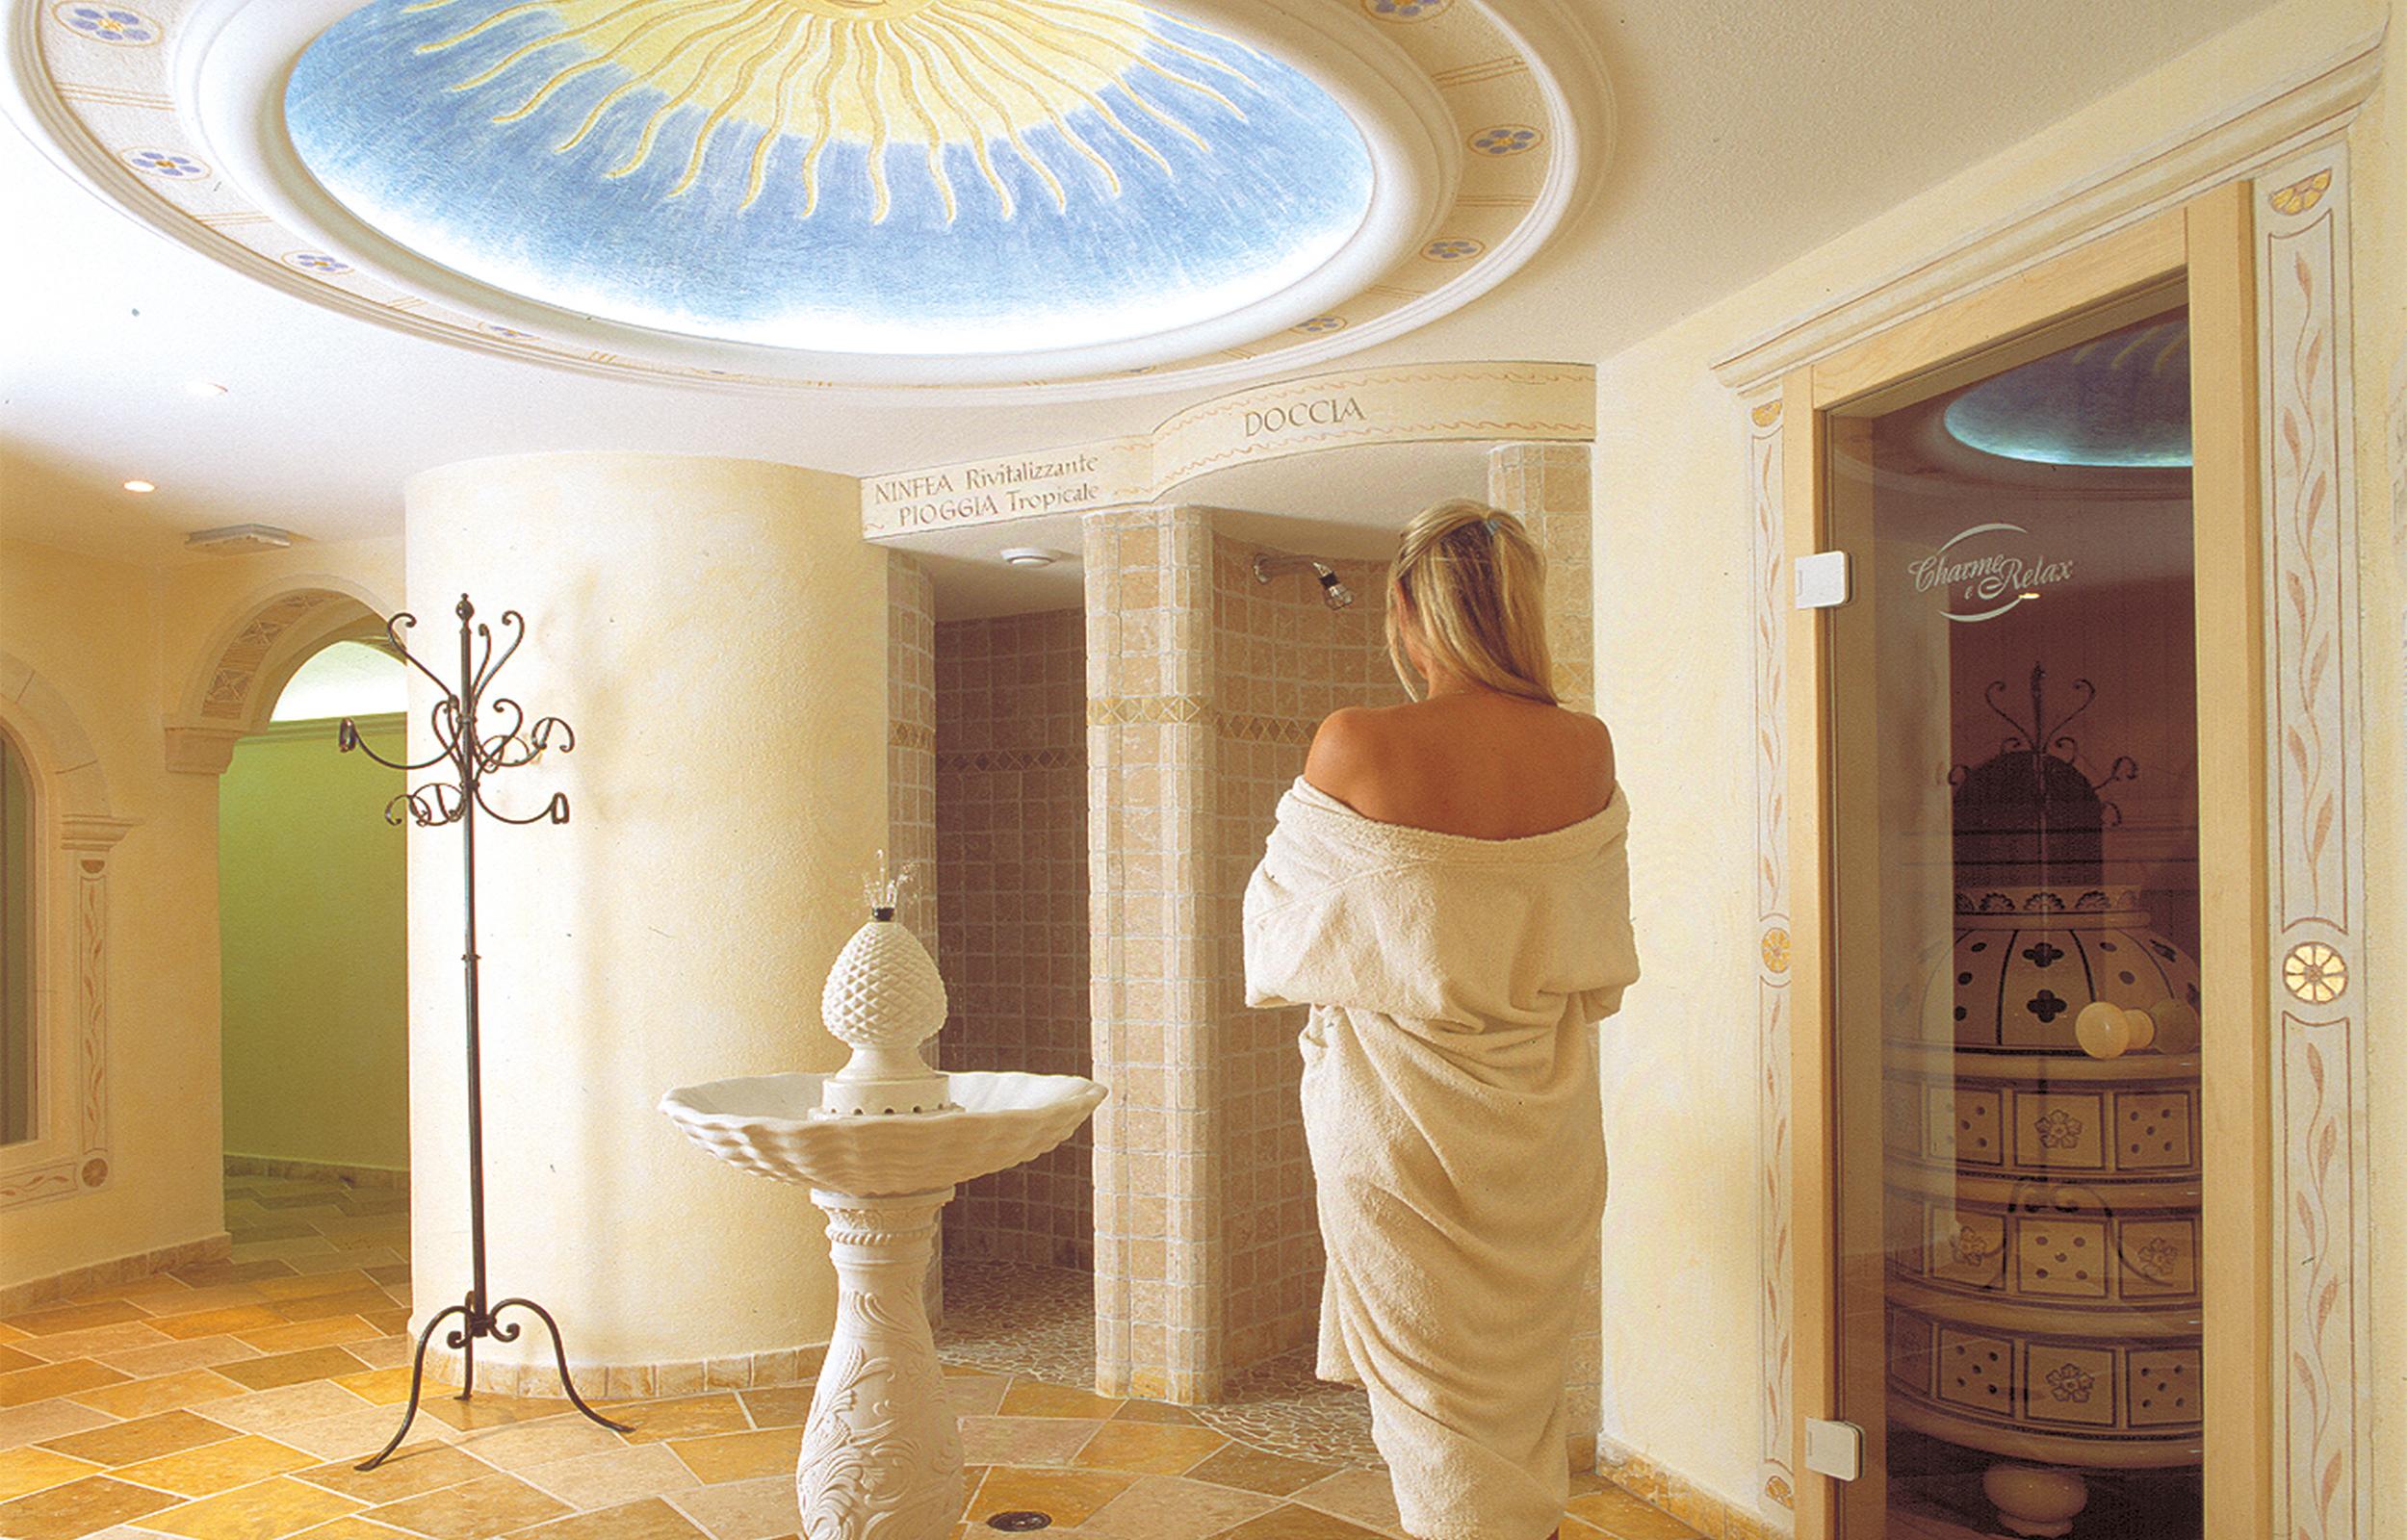 Hotel Alle Alpi Beauty e Relax - Hotel Moena in val di Fassa Trentino, spa relax centro benessere